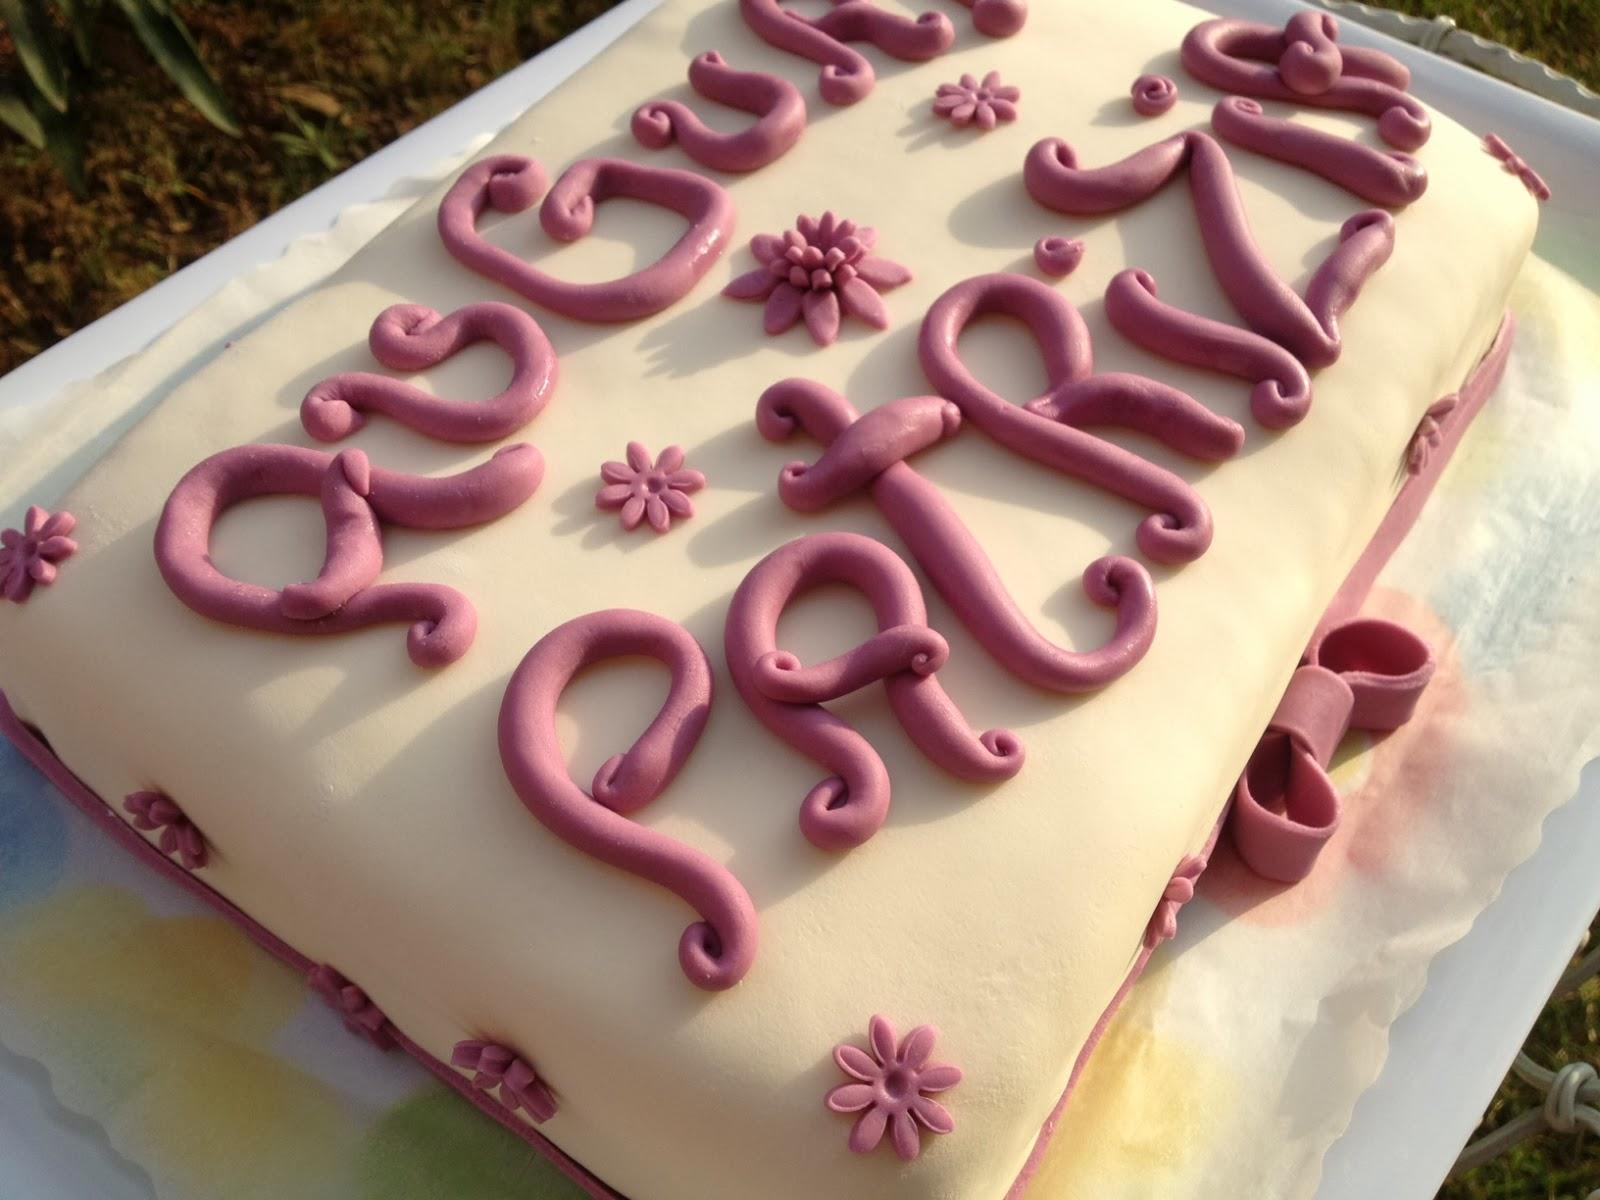 Torta Compleanno Patrizia.I Dolci Di Flori Torta Patrizia